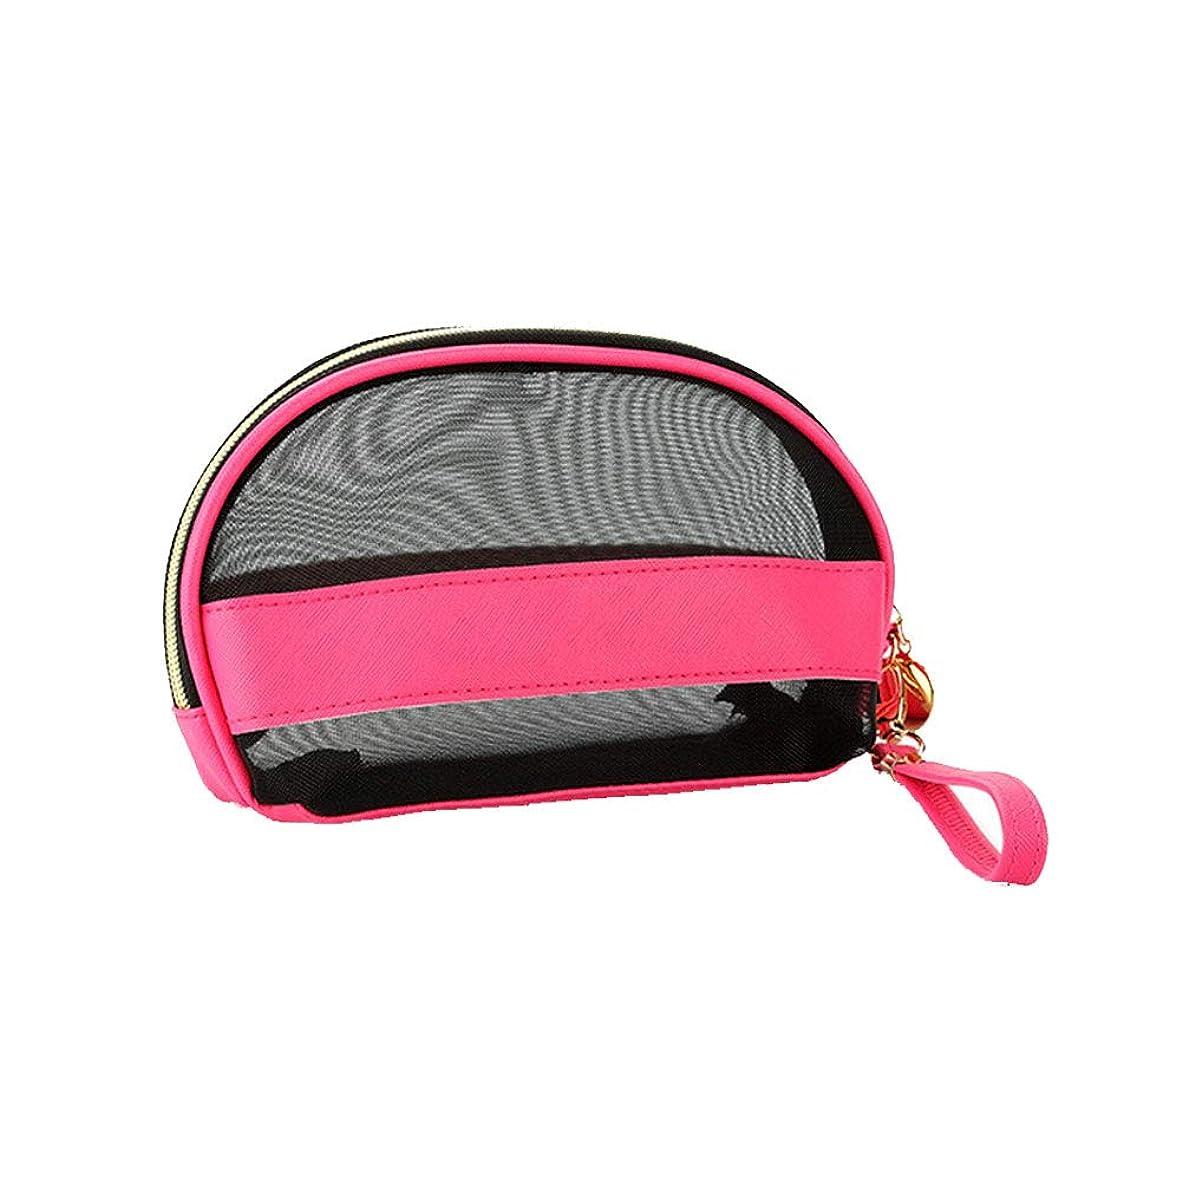 アボート魅力汚れる女の子の化粧品袋の女性はメッシュ化粧品袋化粧オーガナイザーバッグ旅行ロッシを通して見ます